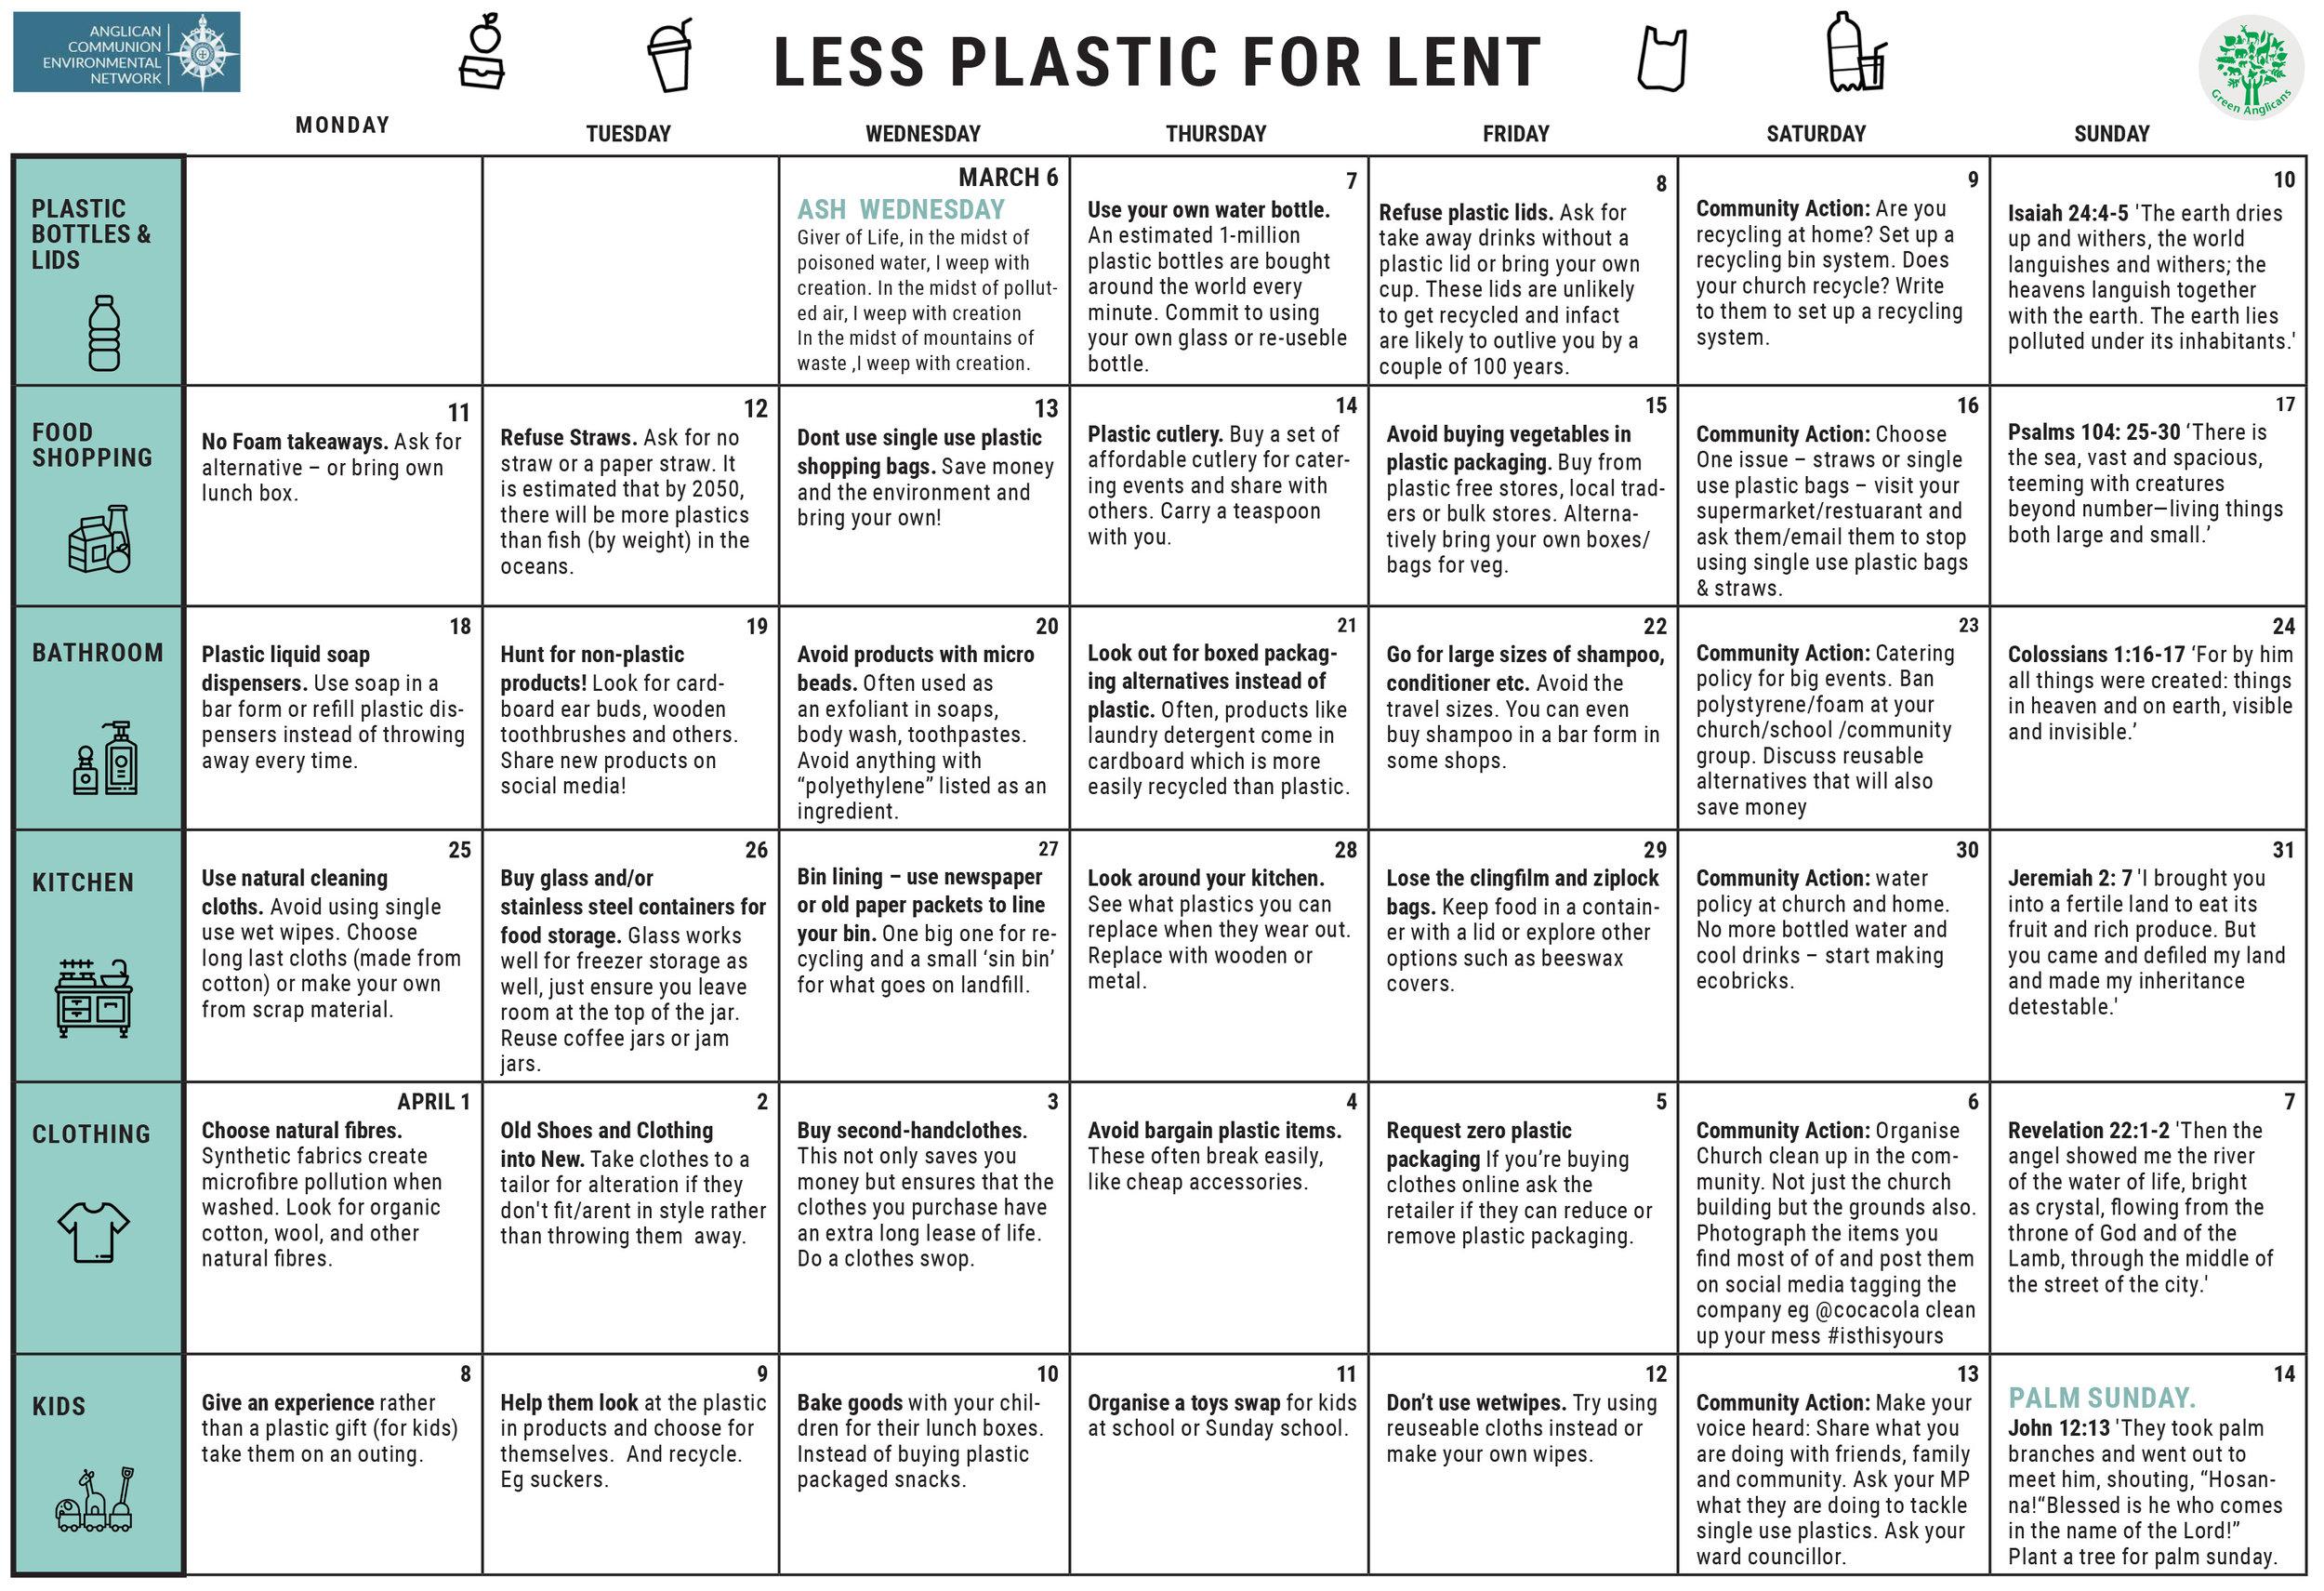 Less Plastic for Lent Calendar.jpg